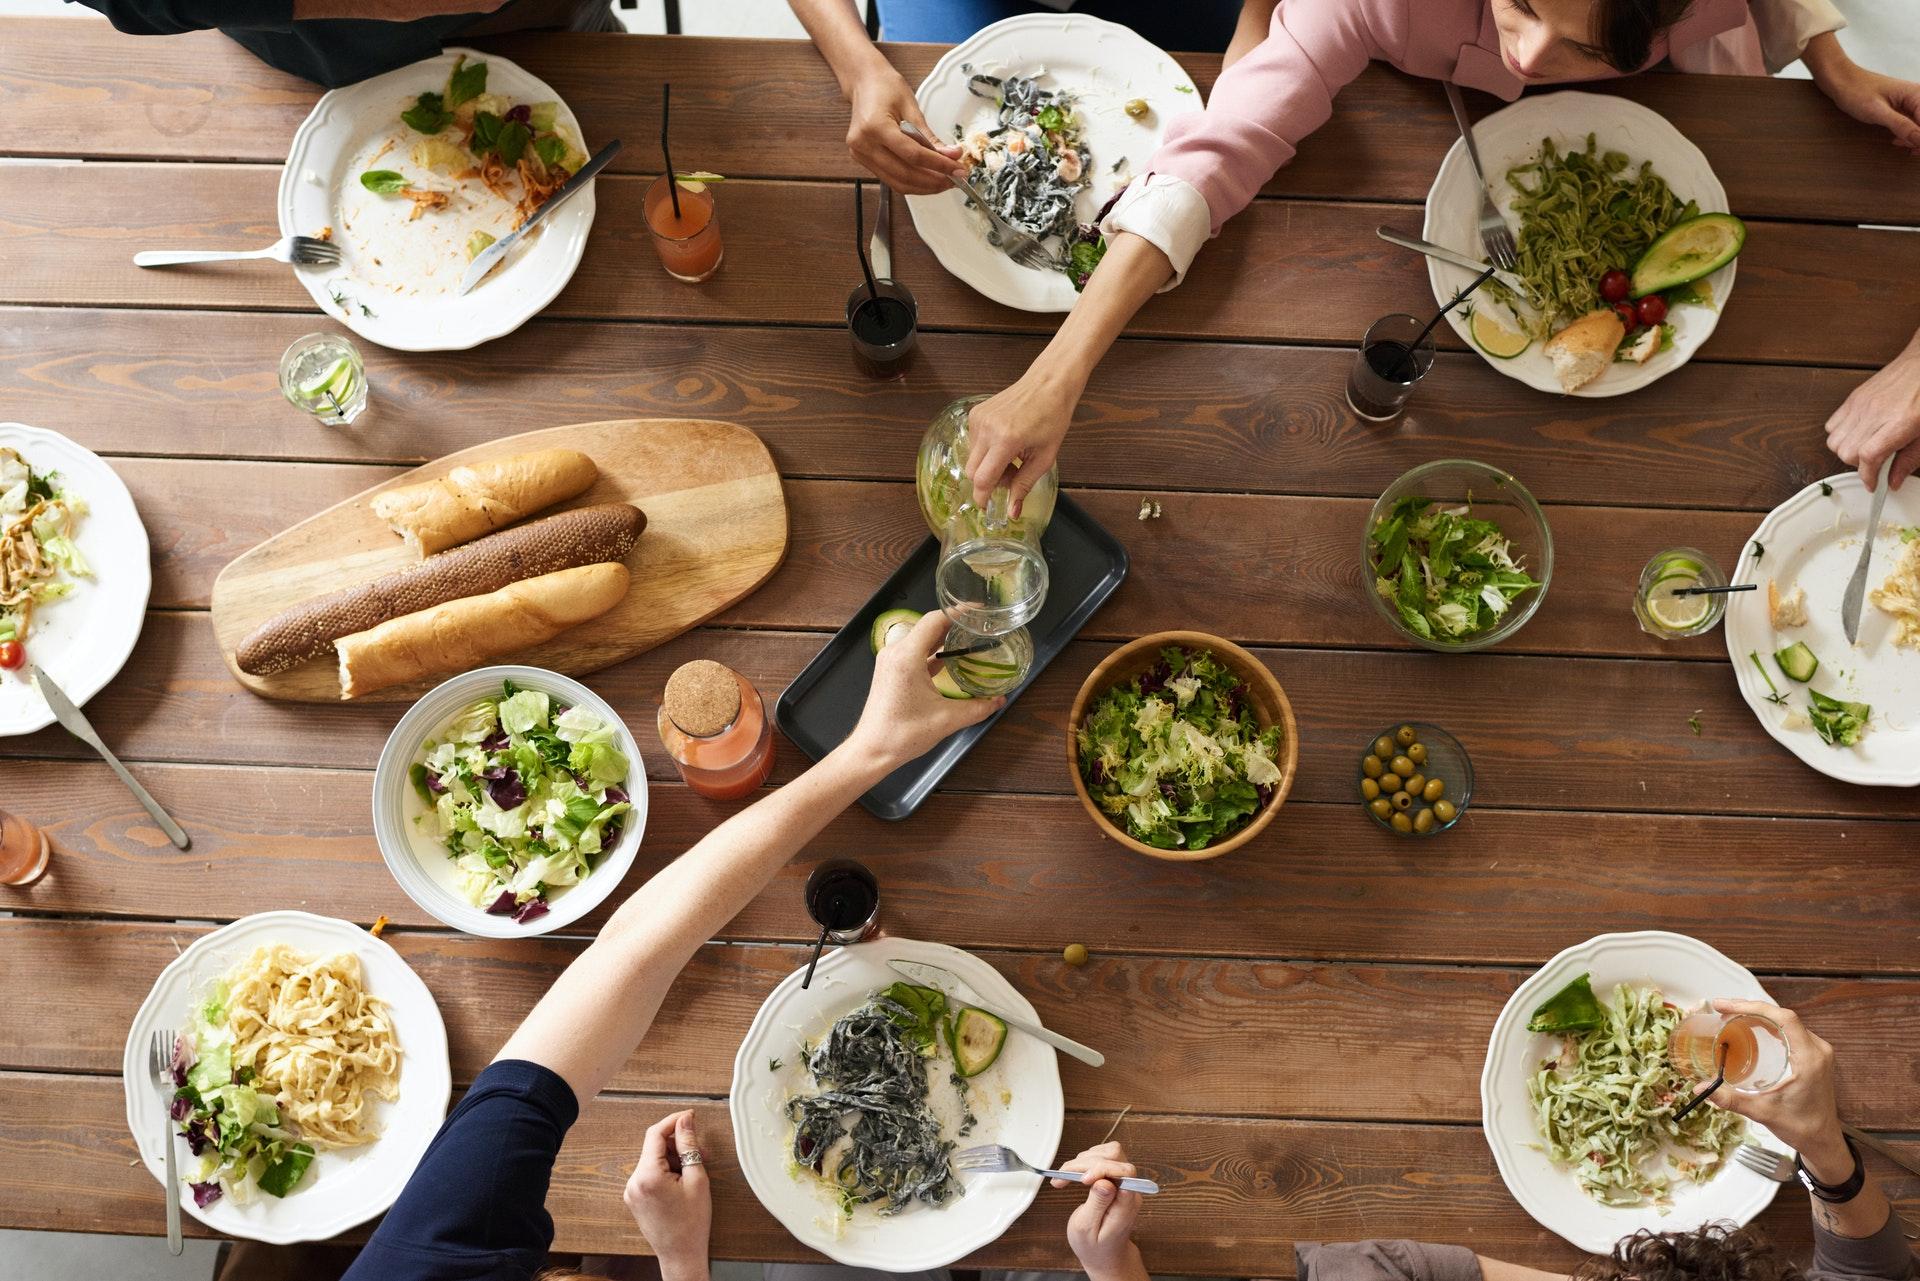 Fördelar med hälsosam och vegansk kost